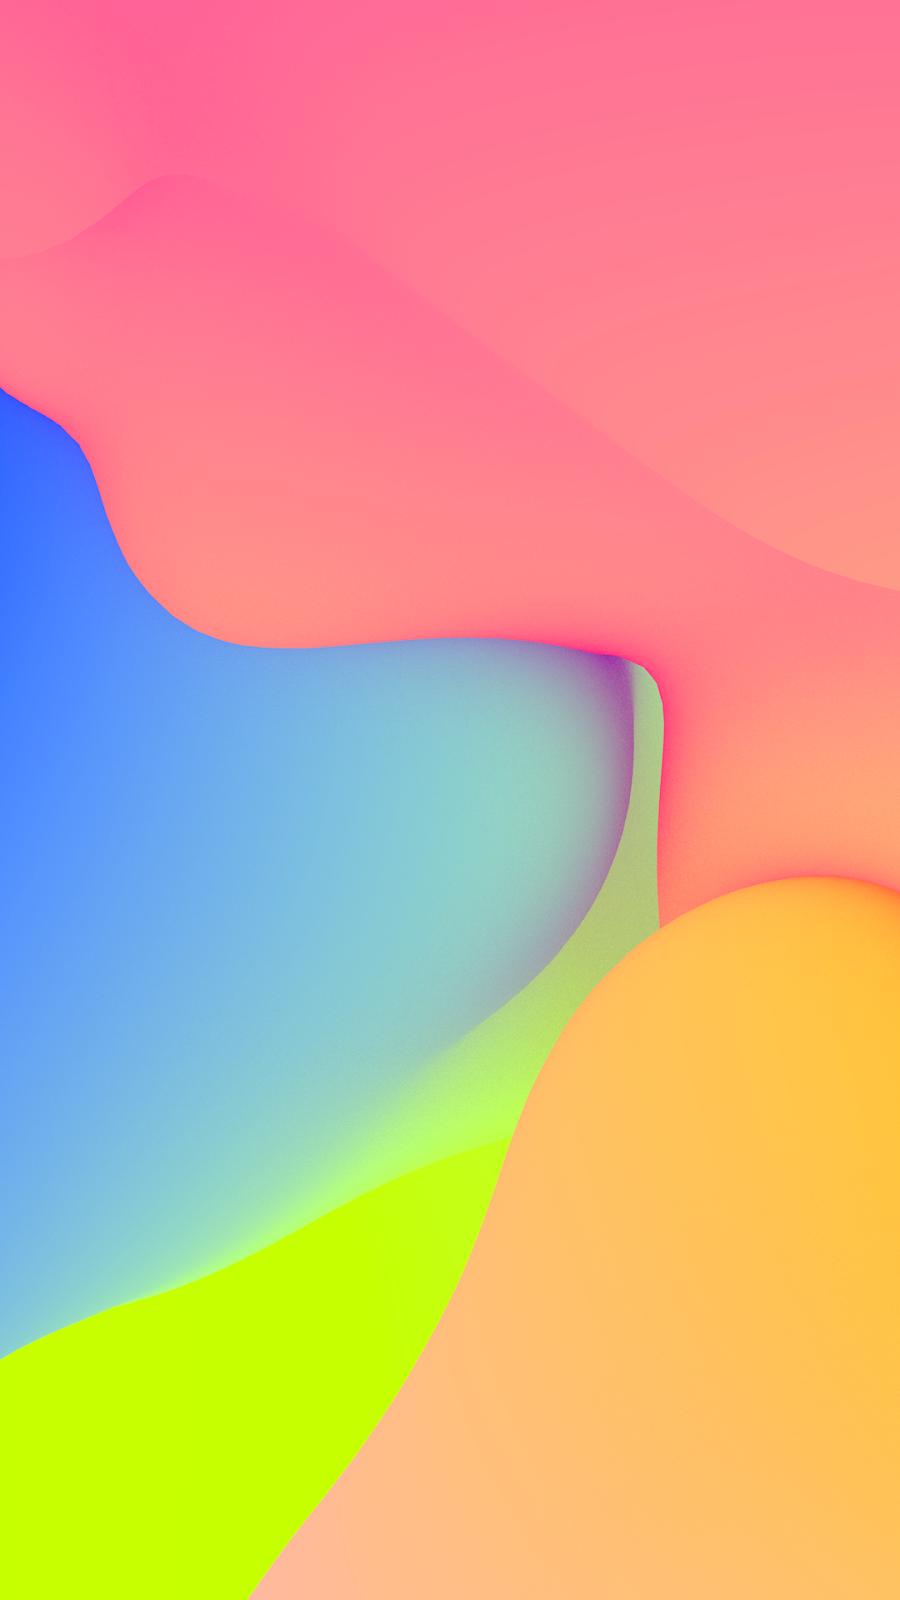 Google Pixel 2 Wallpaper   Wallpapers   Iphone wallpaper, Wallpaper, Colorful wallpaper